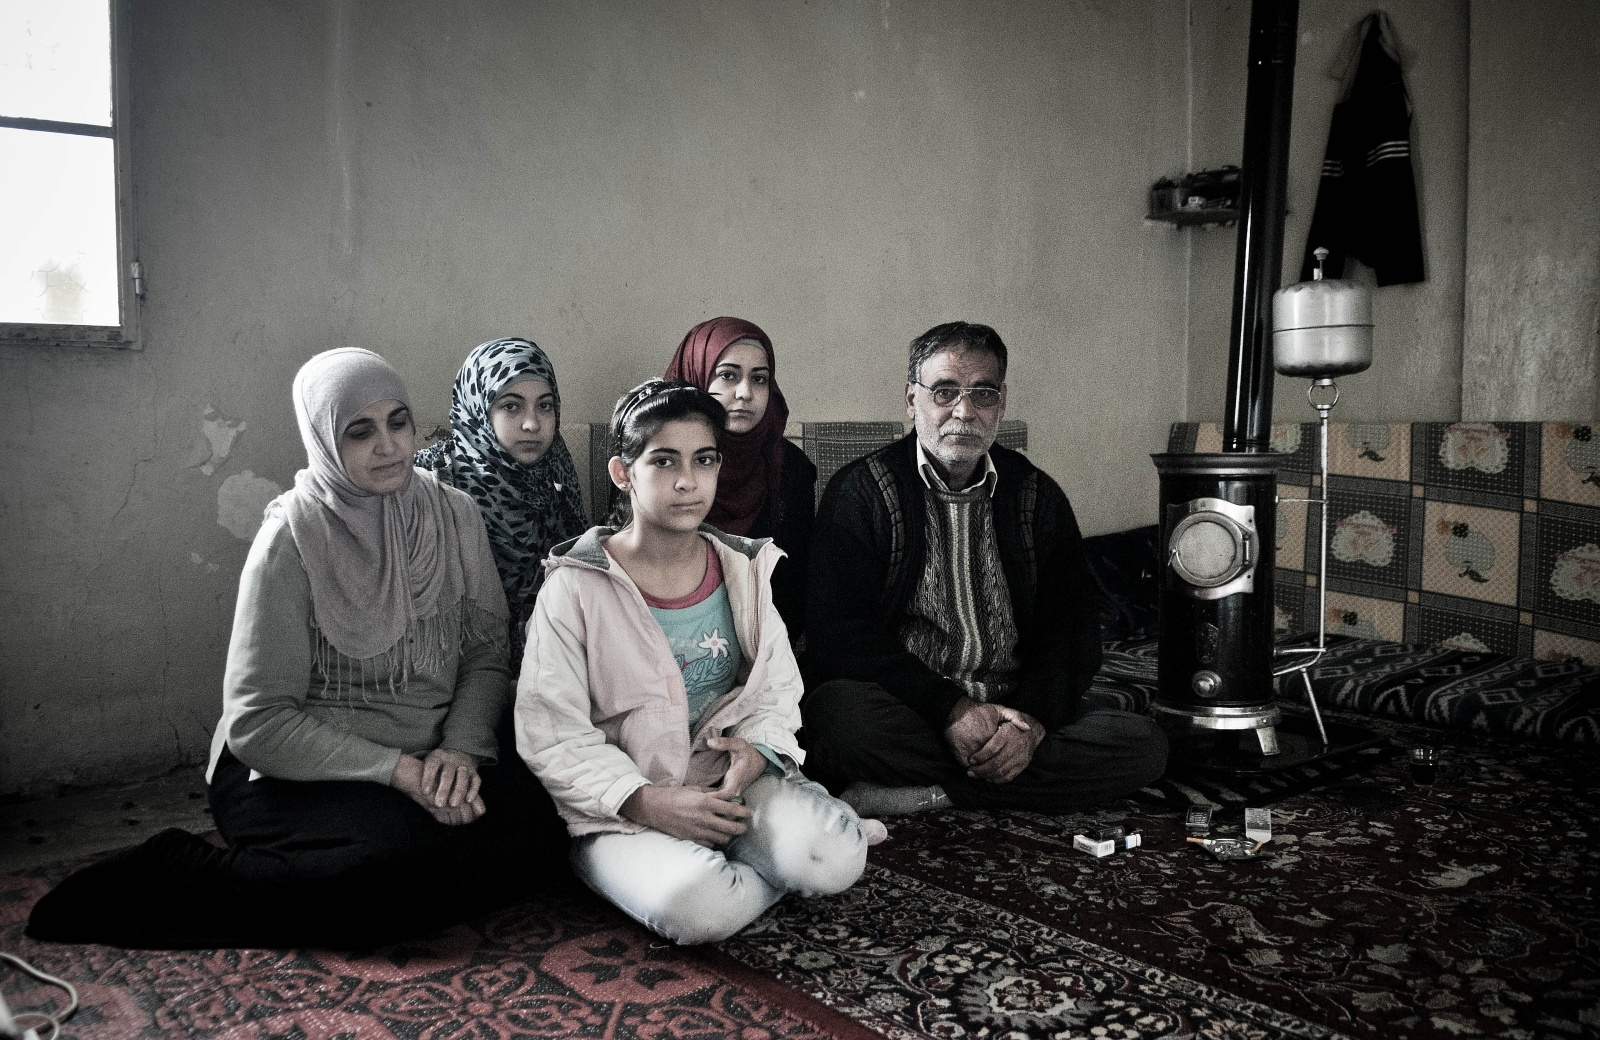 """Aarsal - La famiglia di Najad. Najad ha 24 anni e viene da Homs, una delle città più martoriate dalla guerra siriana. Quando il padre ha preso la decisione di lasciare la città, e di recarsi ad Arsaal per sfuggire alla guerra, le ha raccomandato di non prendere troppa roba con sé, """" Si tratterà di un mese o due, ritorneremo presto a casa"""". Questo succedeva nel gennaio del 2012, e dopo un anno la famiglia di Najad si trova ancora in Libano, nella stessa casetta fatta di due stanze e un bagnetto fuori dal cortile."""